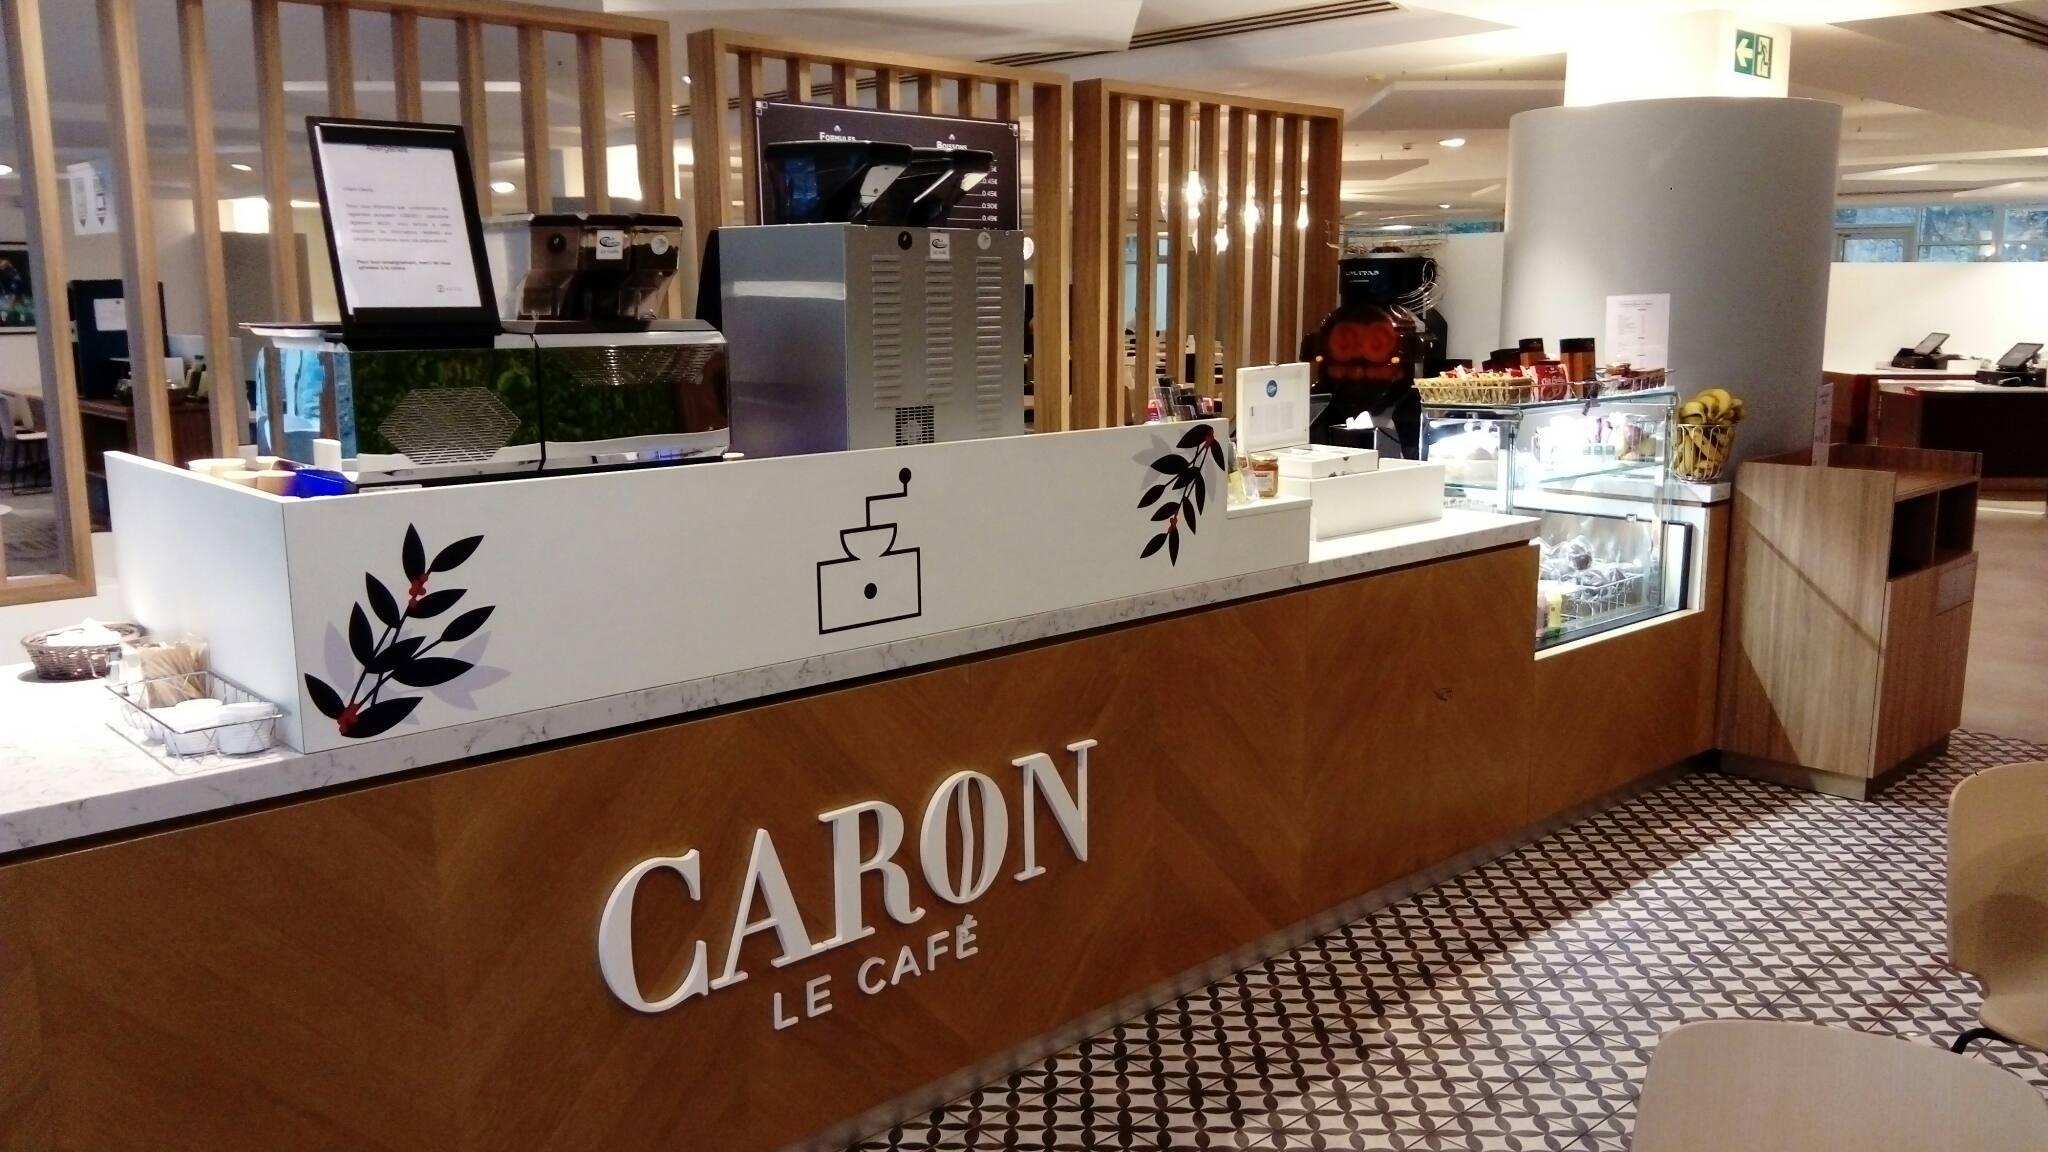 La fourniture de Café Caron pour la cafétéria ou le restaurant d'entreprise